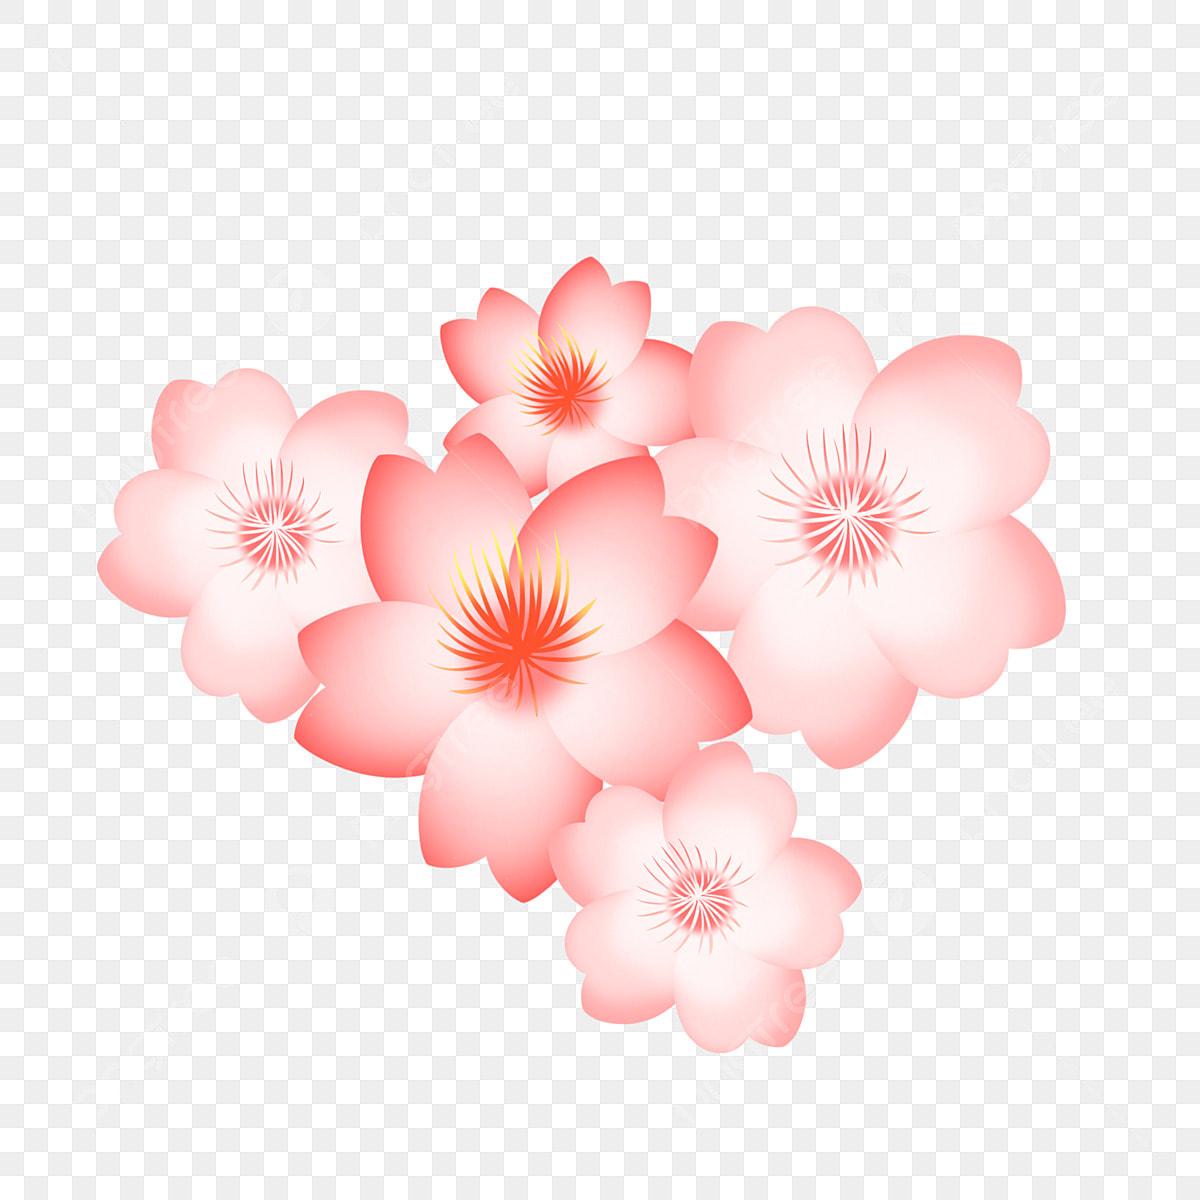 Illustration De Belle Fleur De Cerisier Rose Clipart Fleur De Cerisier Belle Illustration De Fleur De Cerisier Fleur De Cerisier Rose Fichier Png Et Psd Pour Le Telechargement Libre